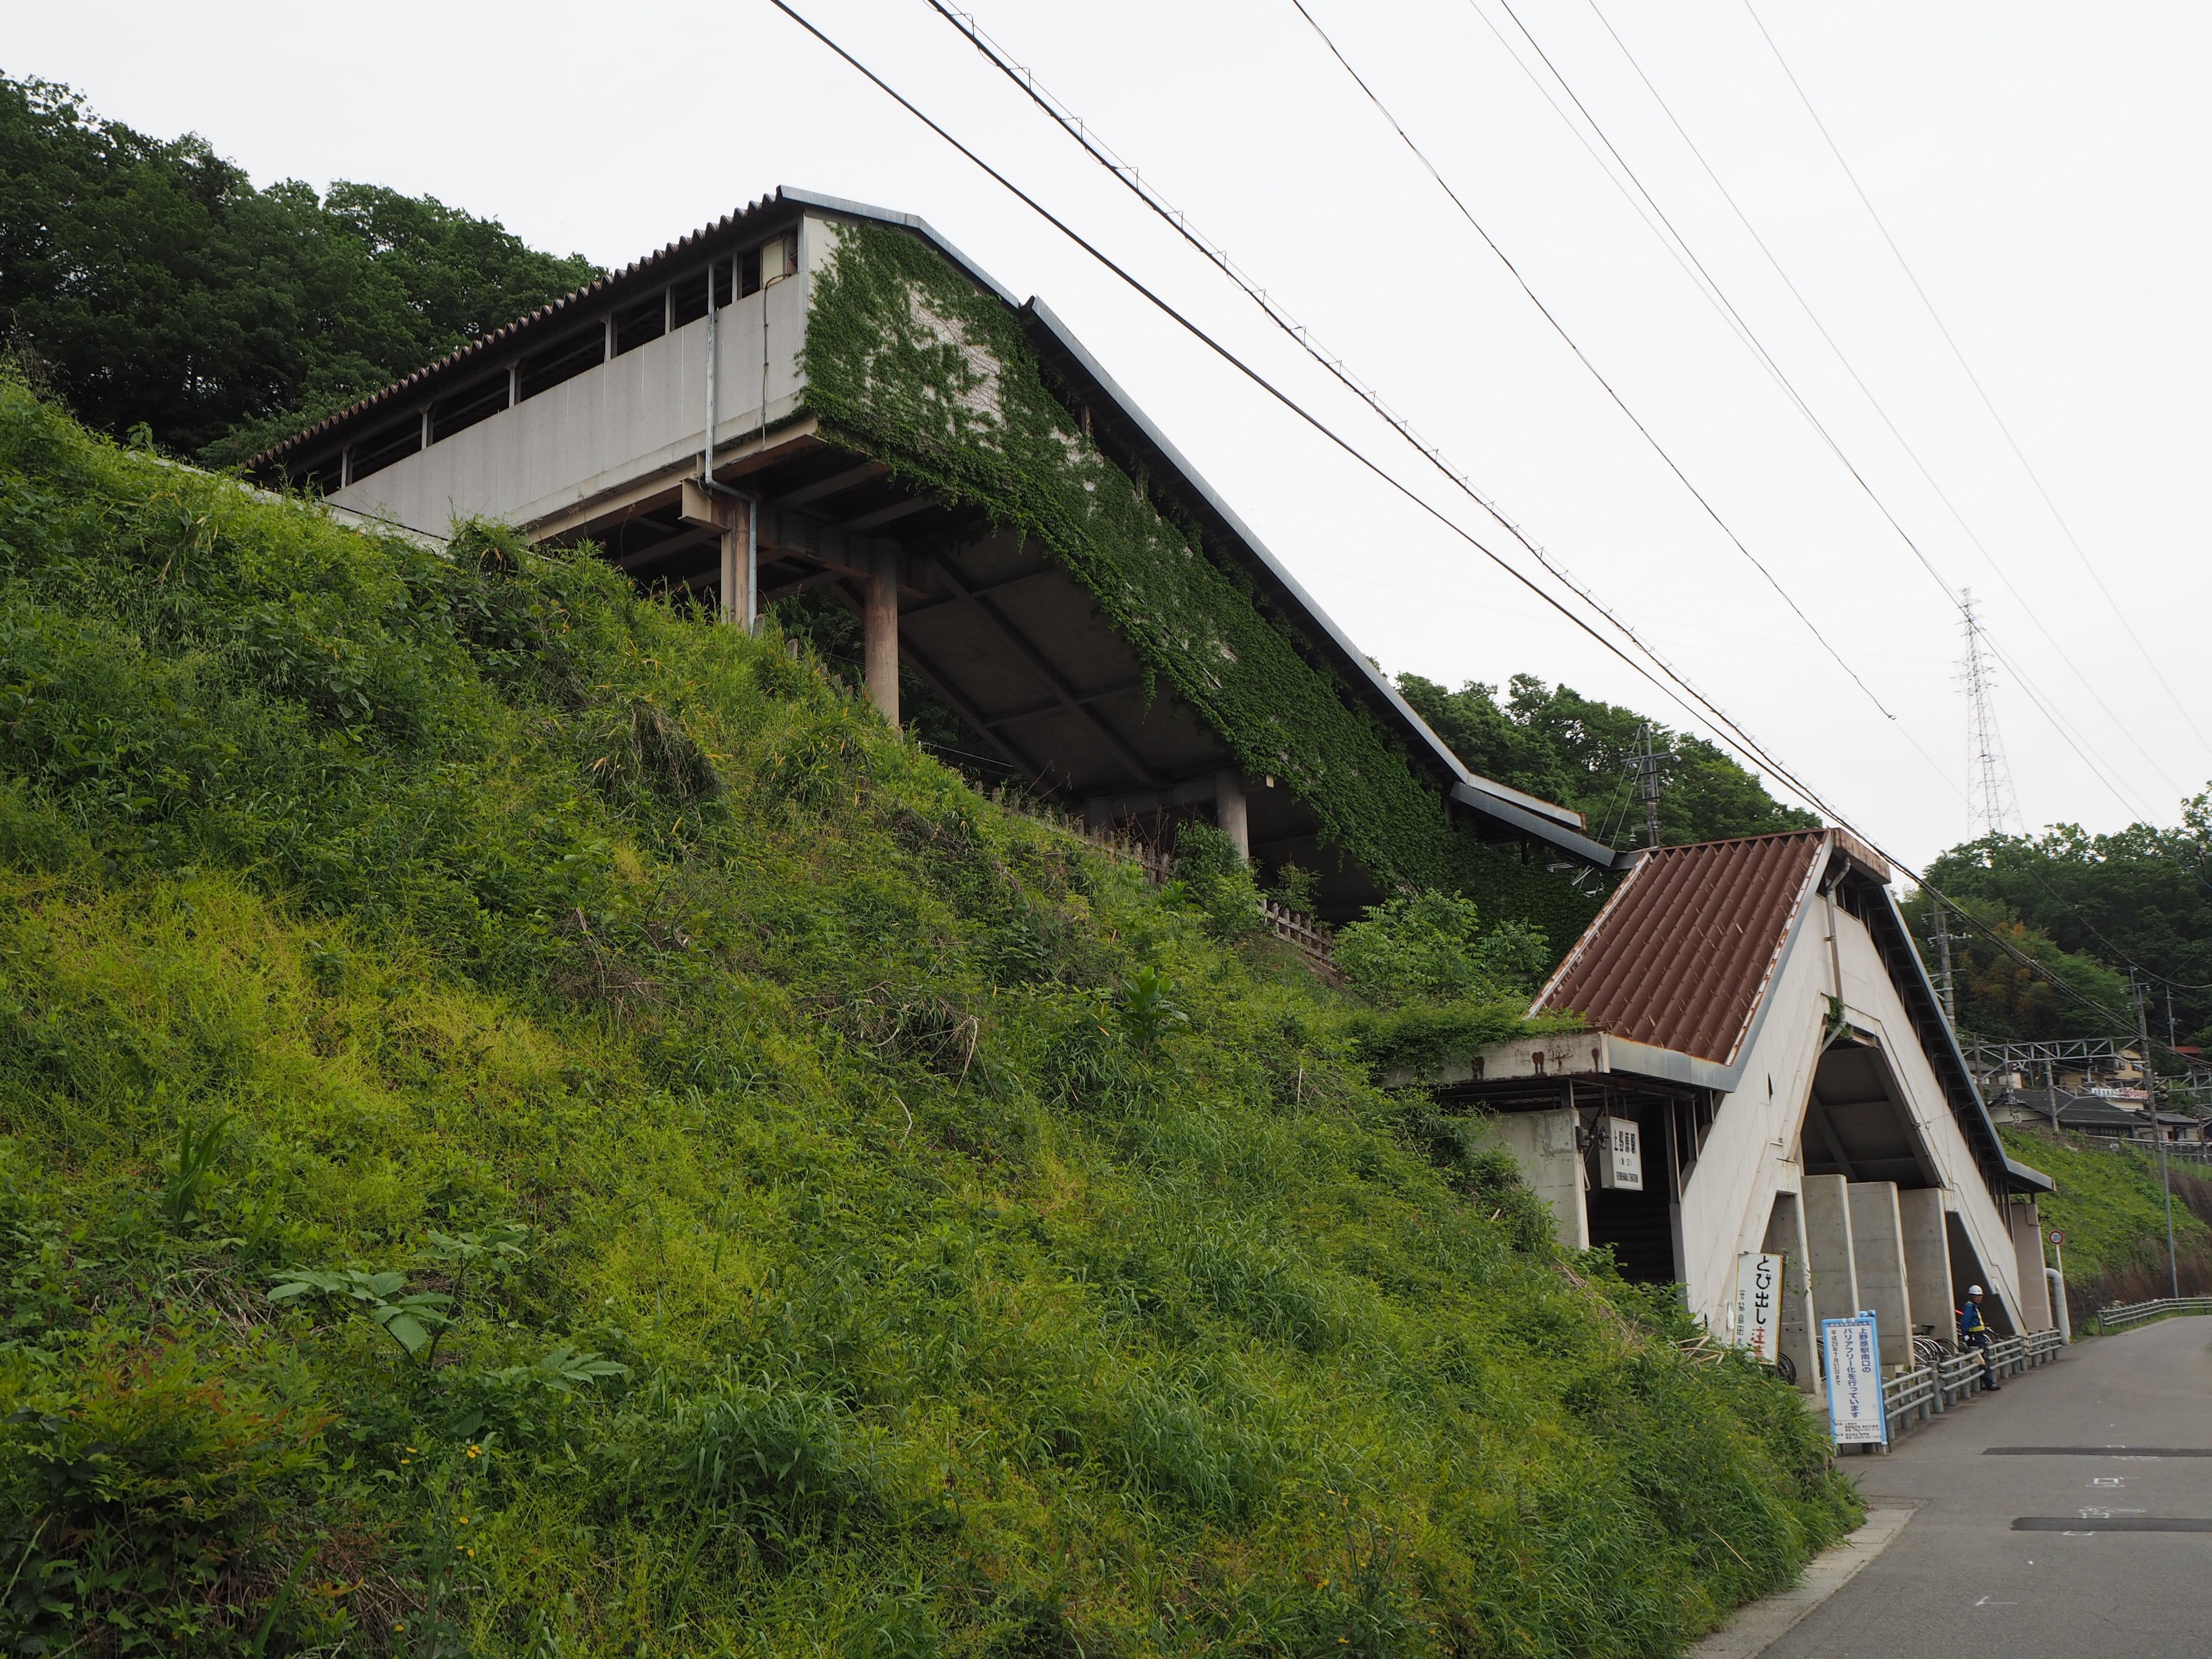 https://upload.wikimedia.org/wikipedia/commons/0/04/Uenohara-Sta-S.JPG